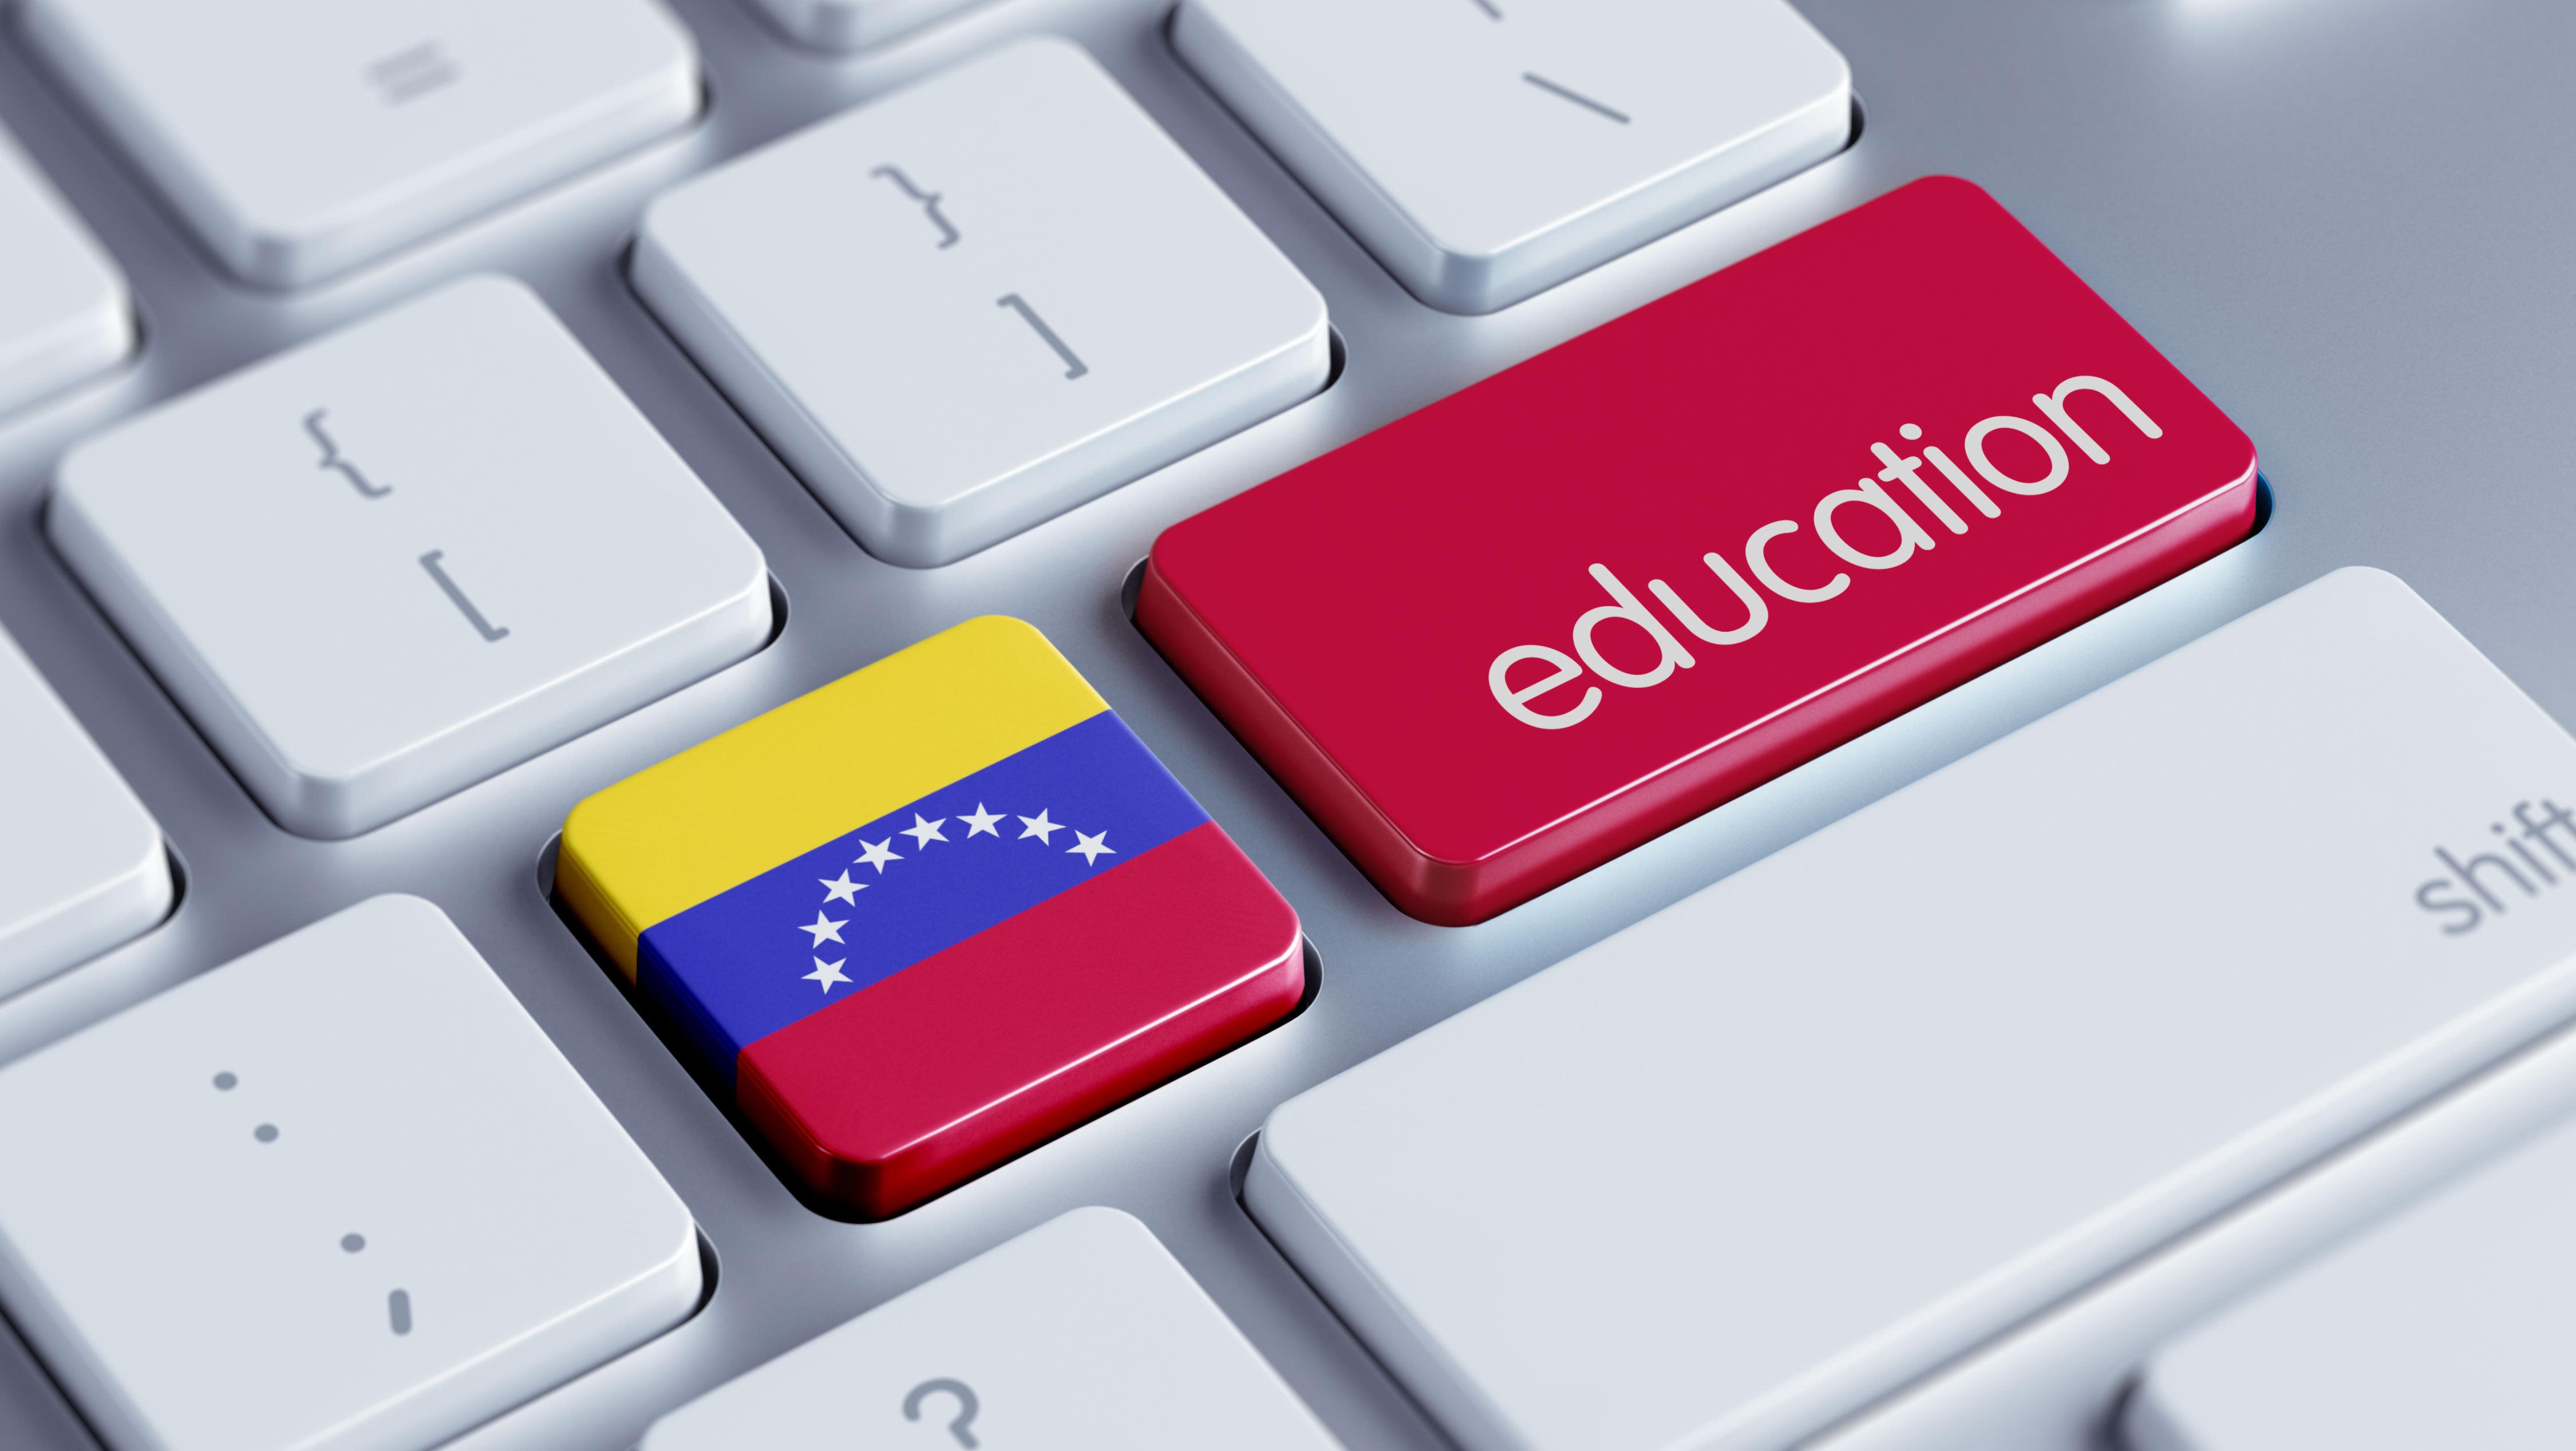 Концепция получения образования в Венесуэле